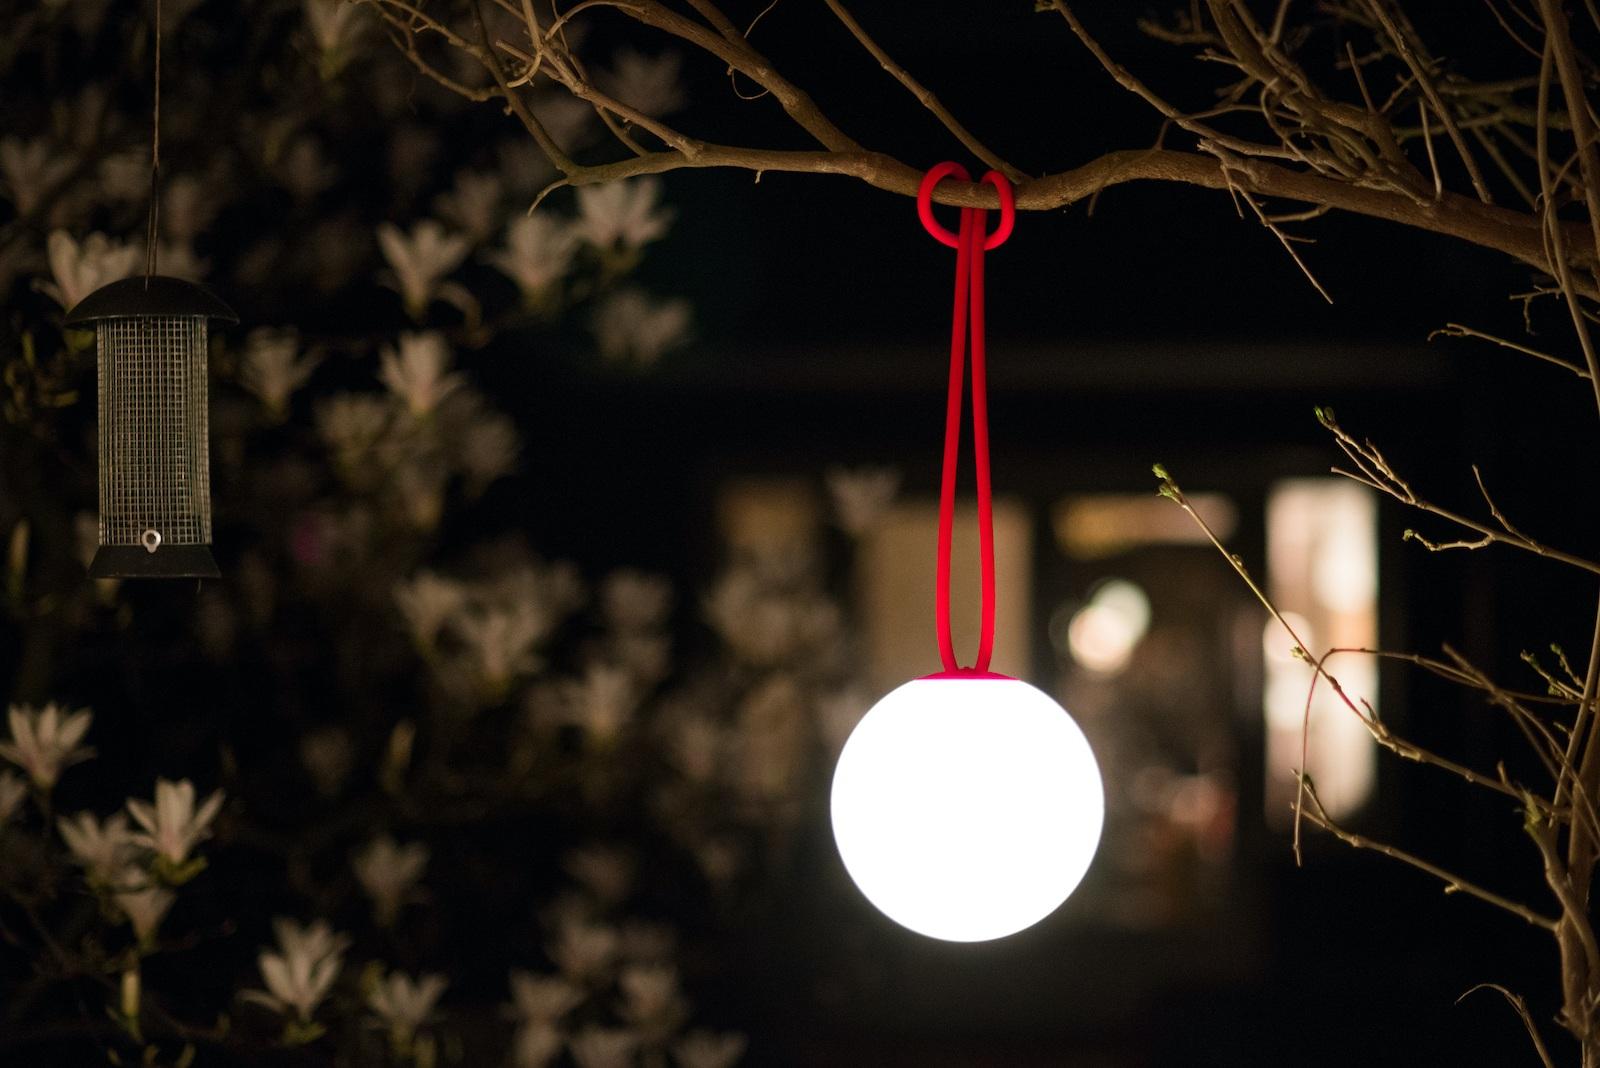 Neues vom Lichtprofi: Kabellose Outdoorleuchten im Herbst